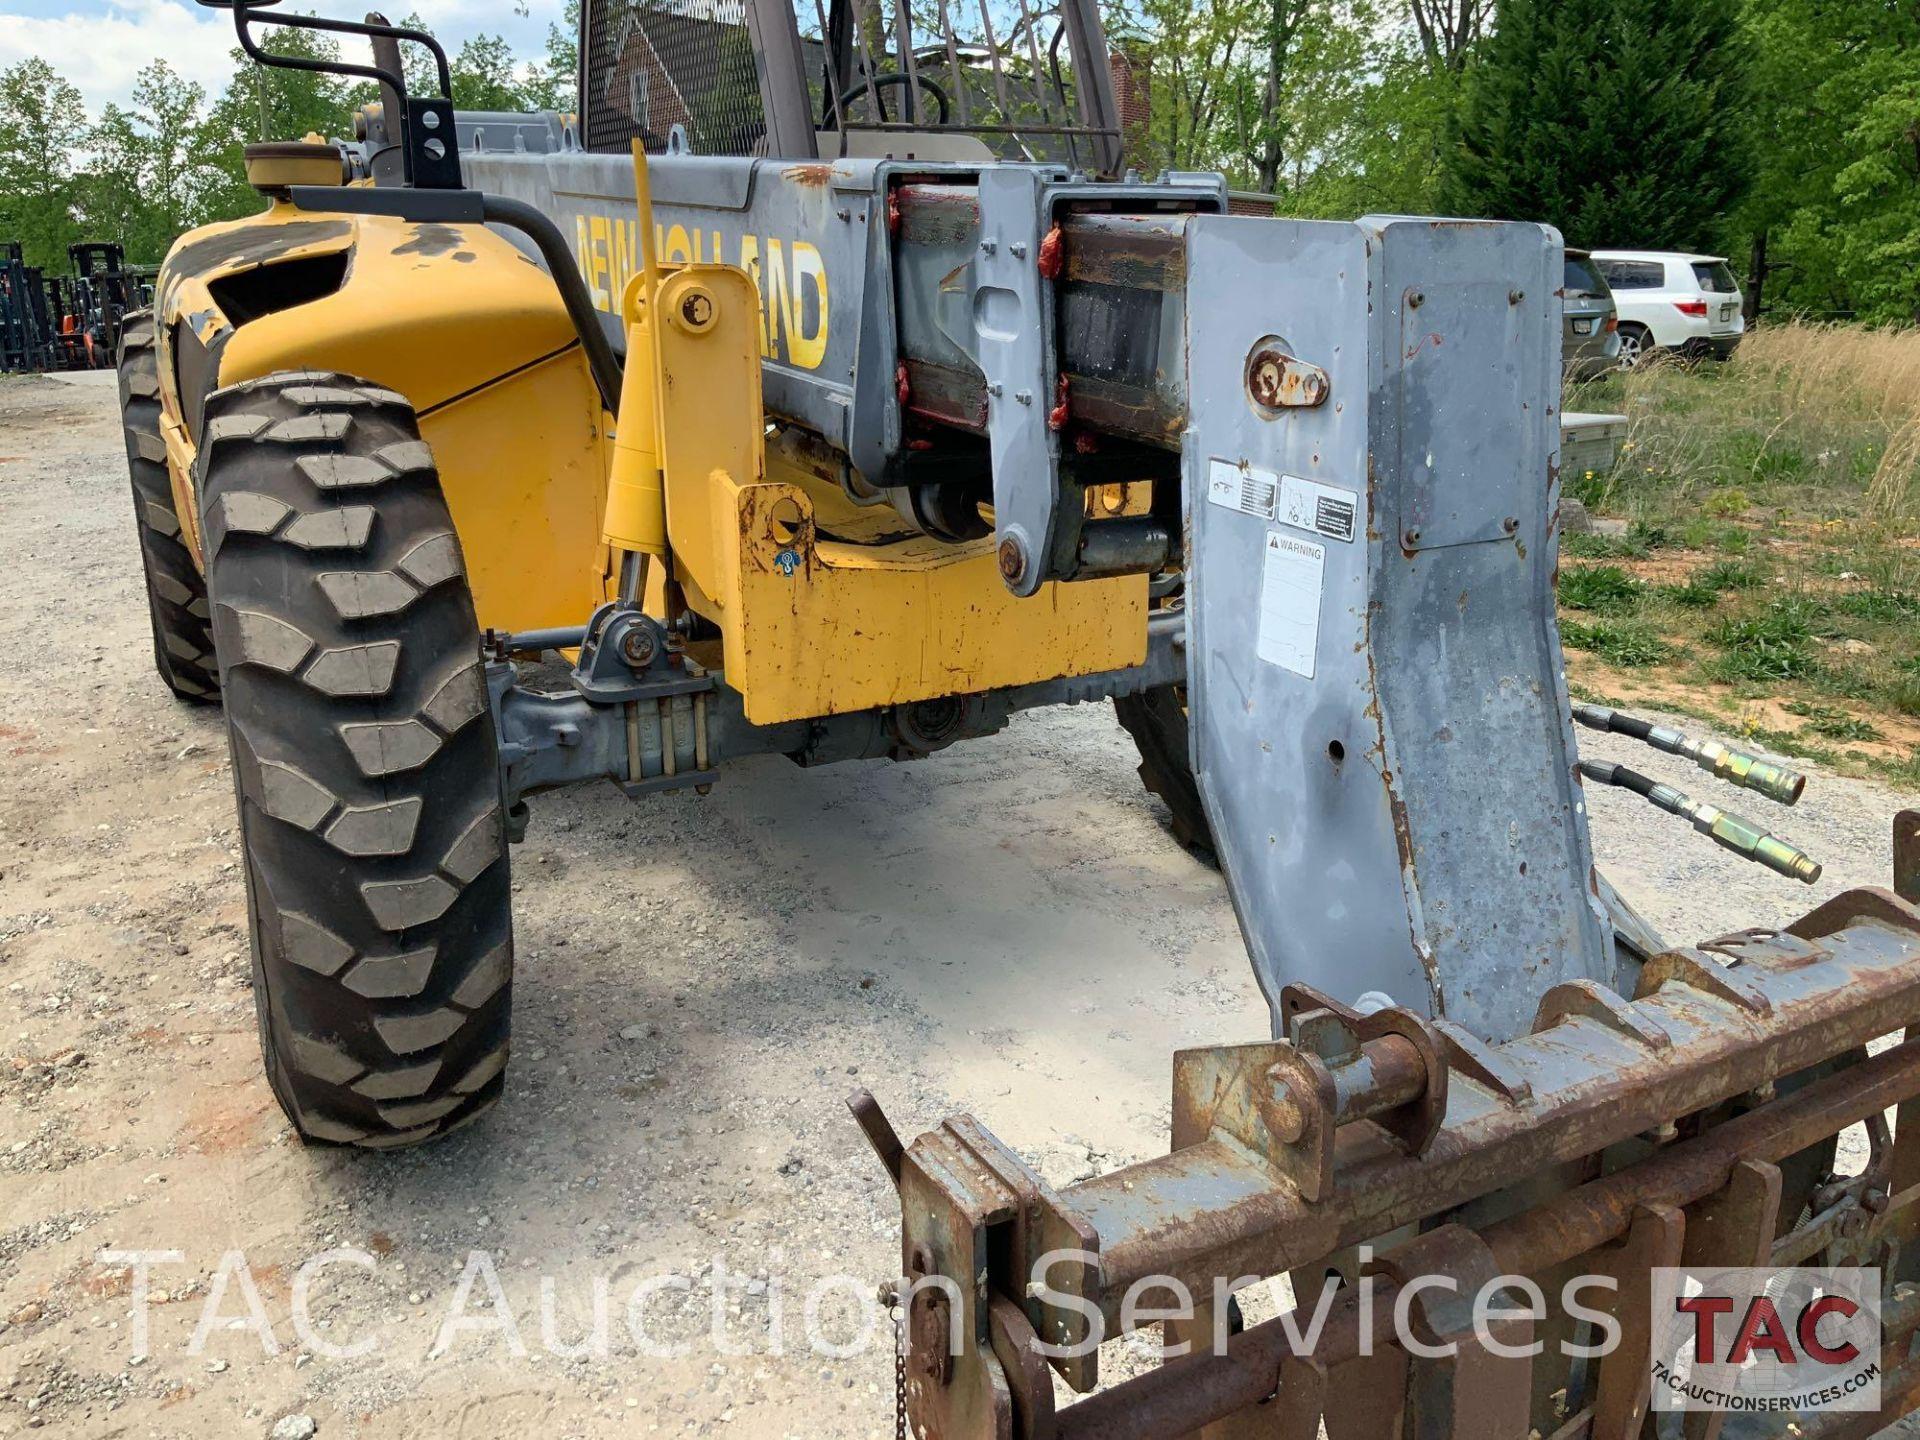 1999 New Holland LM840 Telehandler Forklift - Image 13 of 25